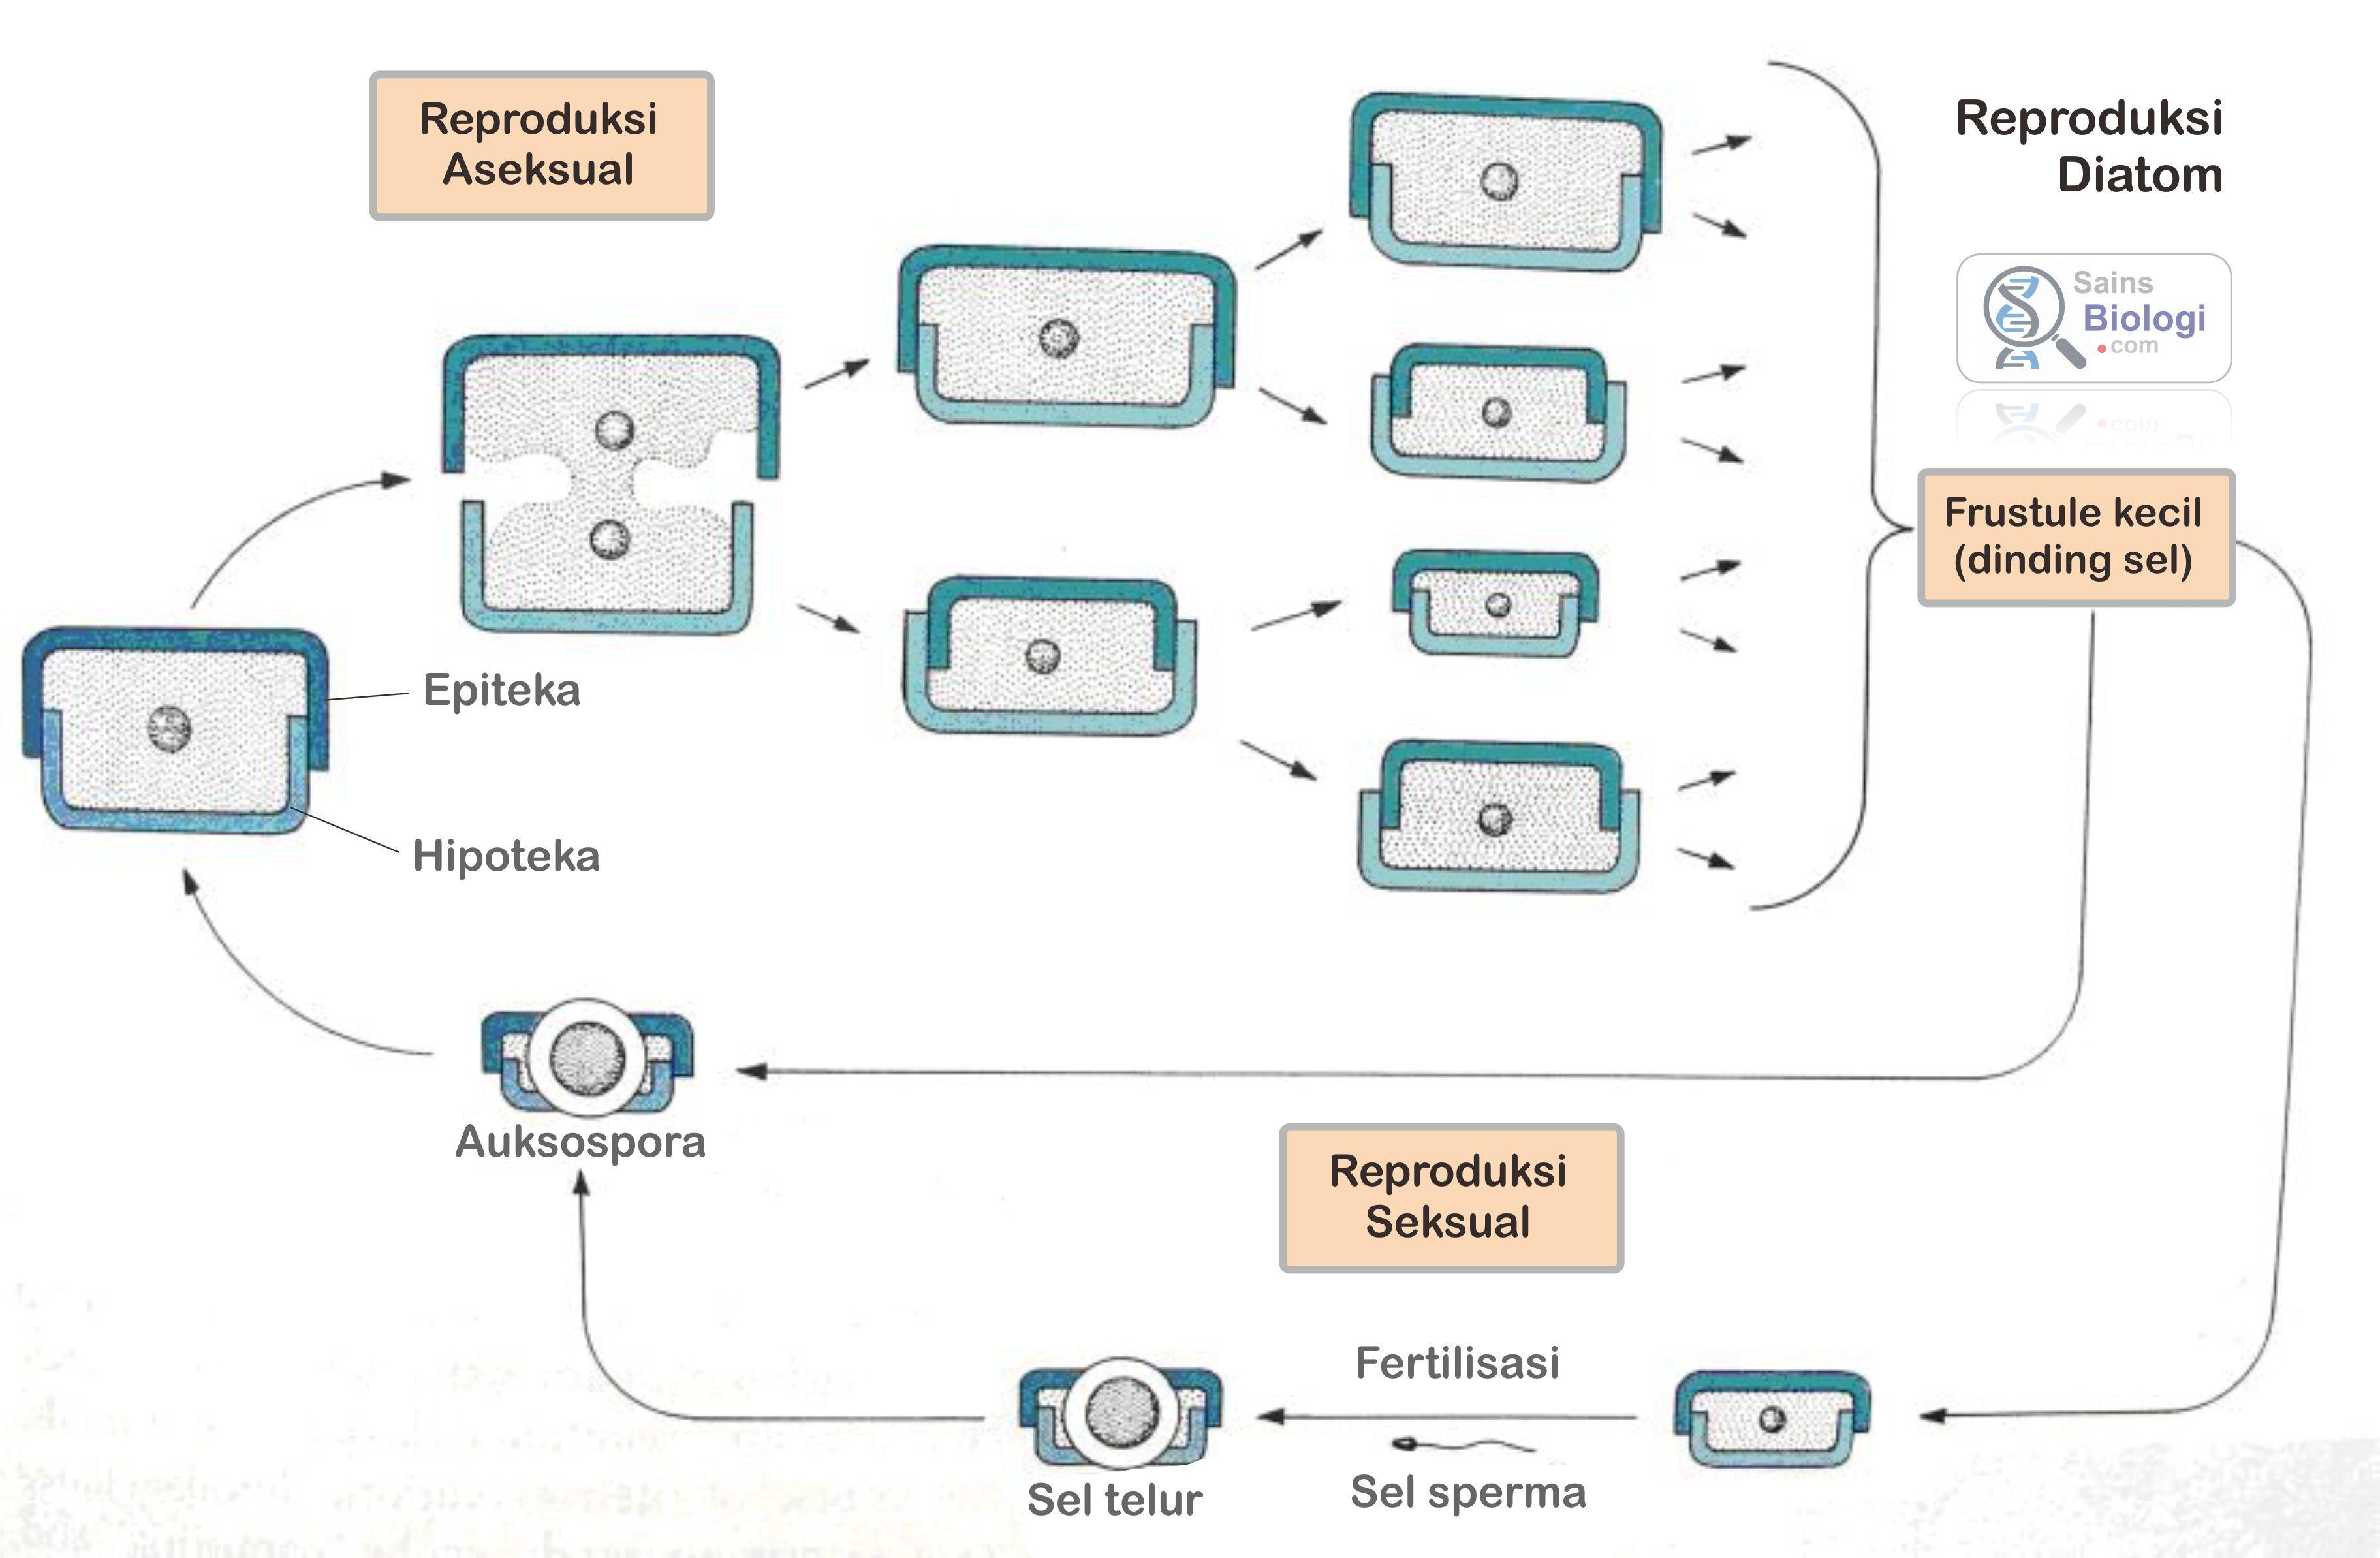 Gambar reproduksi diatom anggota ganggang atau alga biologi sma gambar reproduksi diatom anggota ganggang atau alga ccuart Choice Image